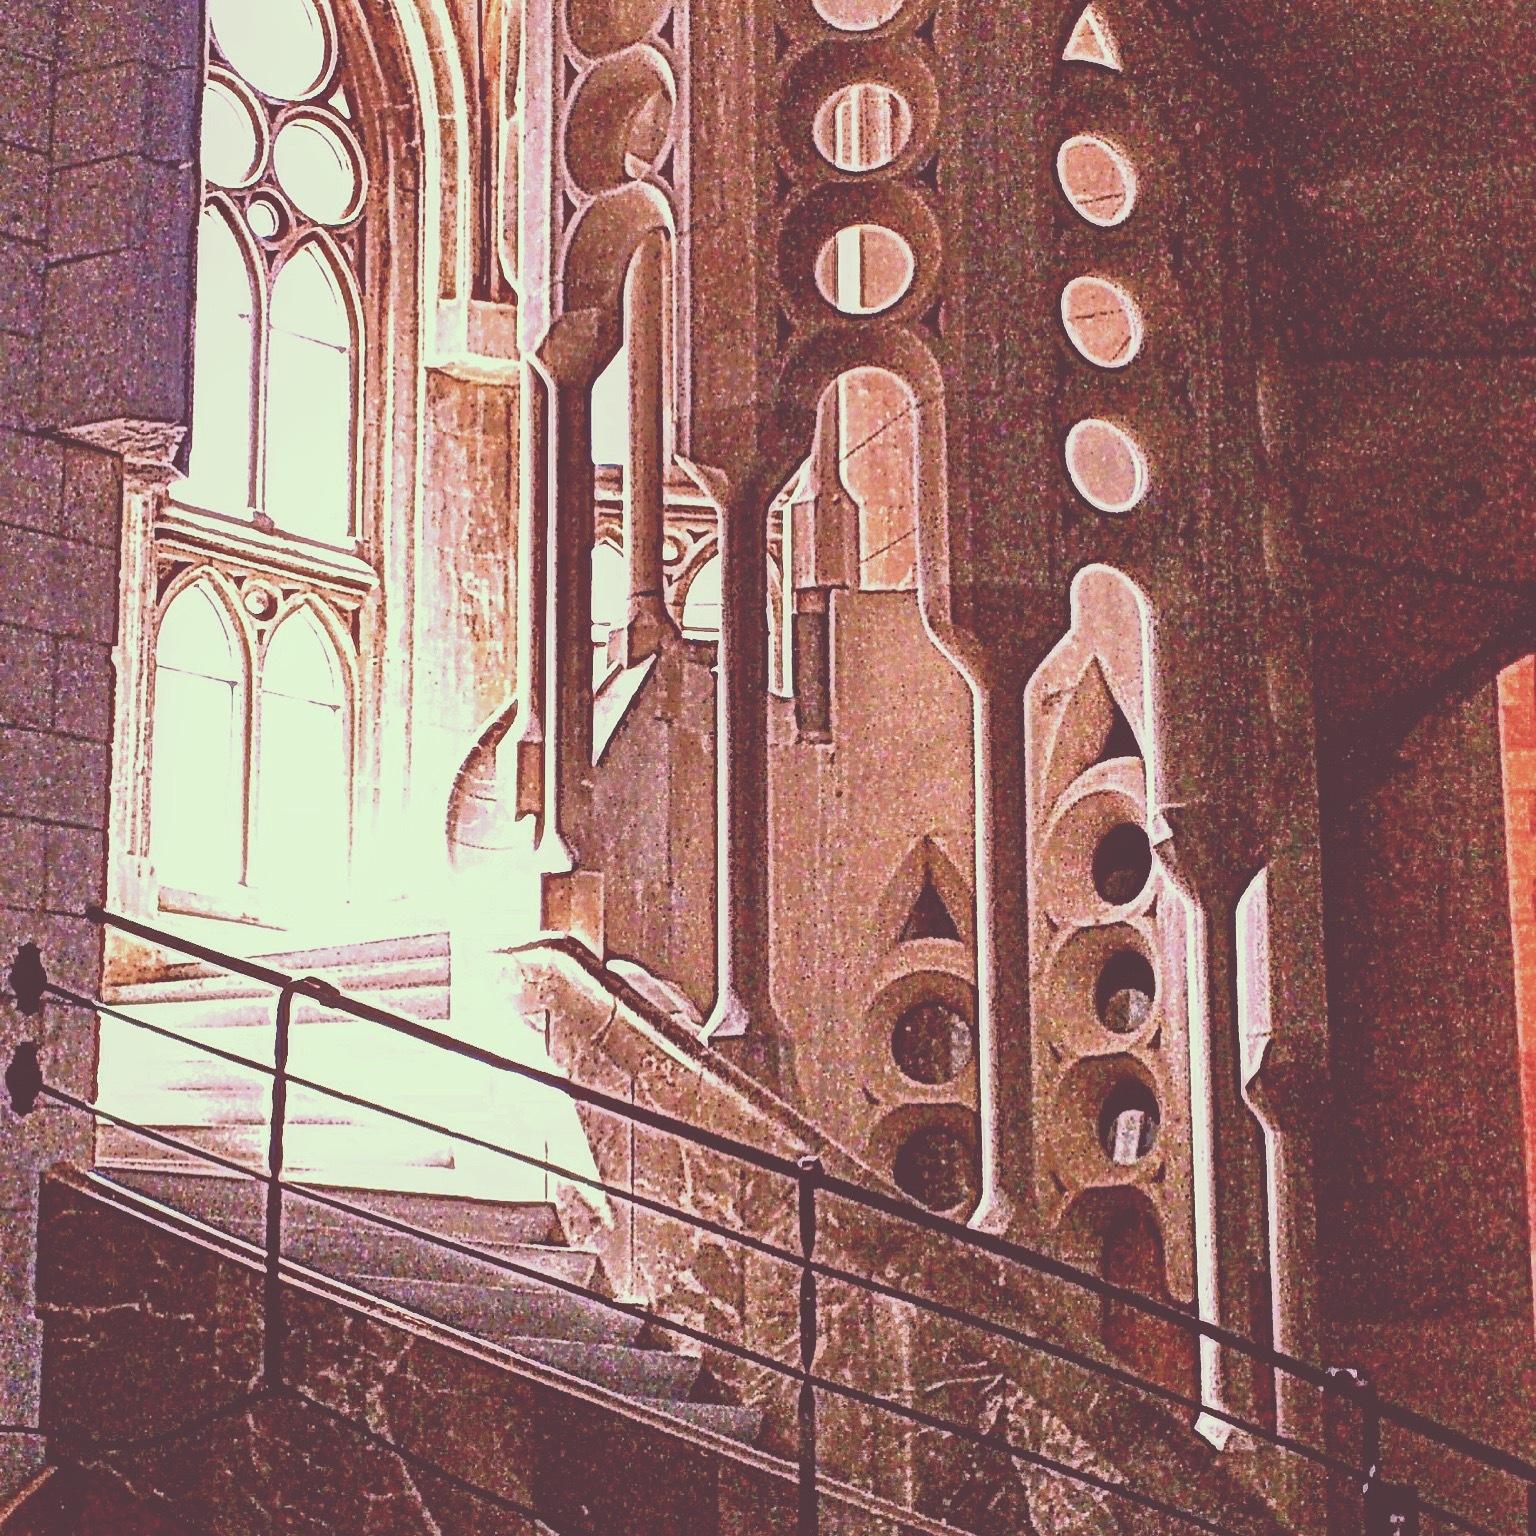 Sagrada Familia by Hector Lopez